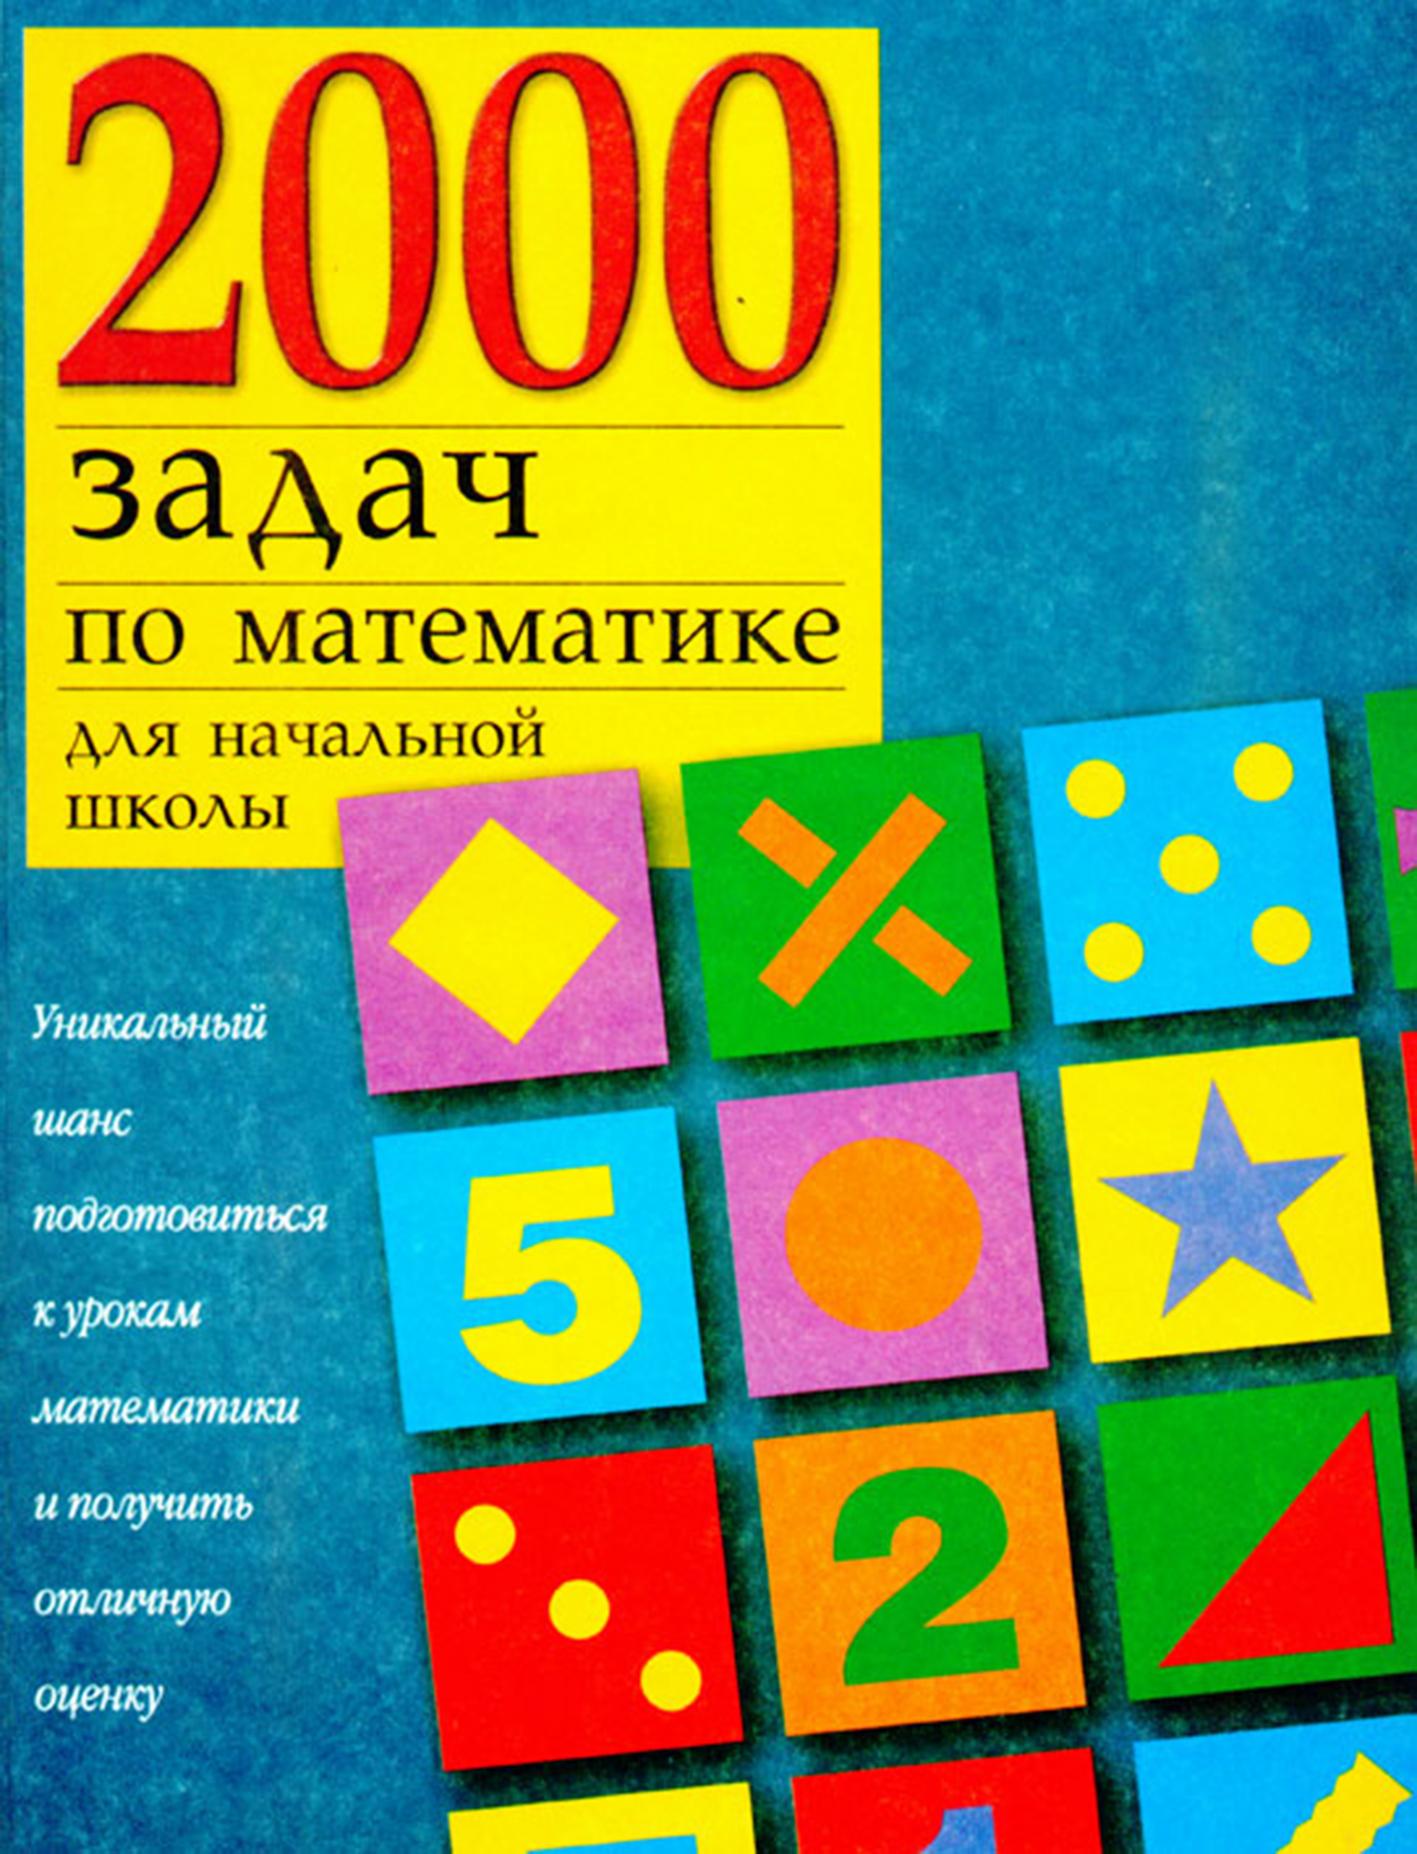 Отсутствует 2000 задач по математике для начальной школы медведская валентина гудалина галина 1500 задач и примеров по математике с объяснениями решений для начальных классов